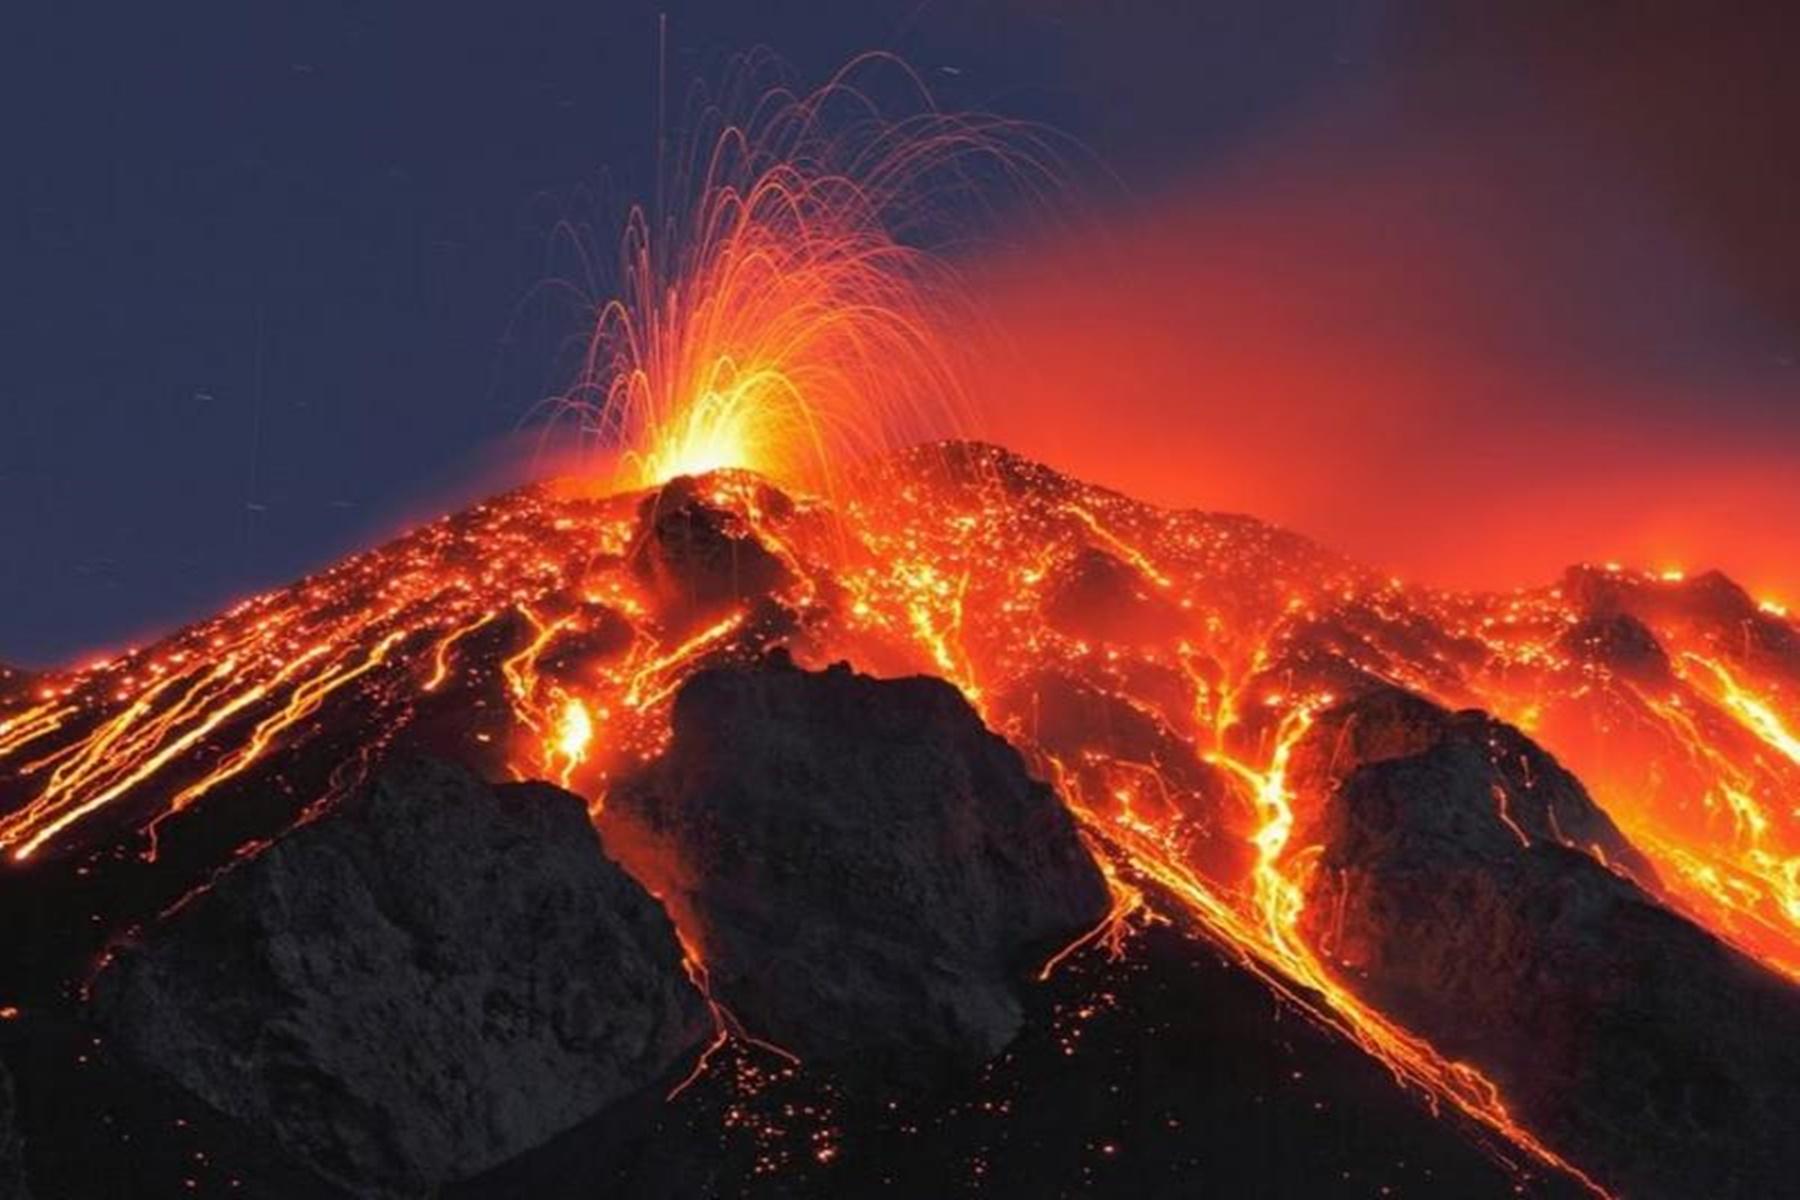 Διάστημα : Οι εκρήξεις δείχνουν ύπαρξη ηφαιστείων